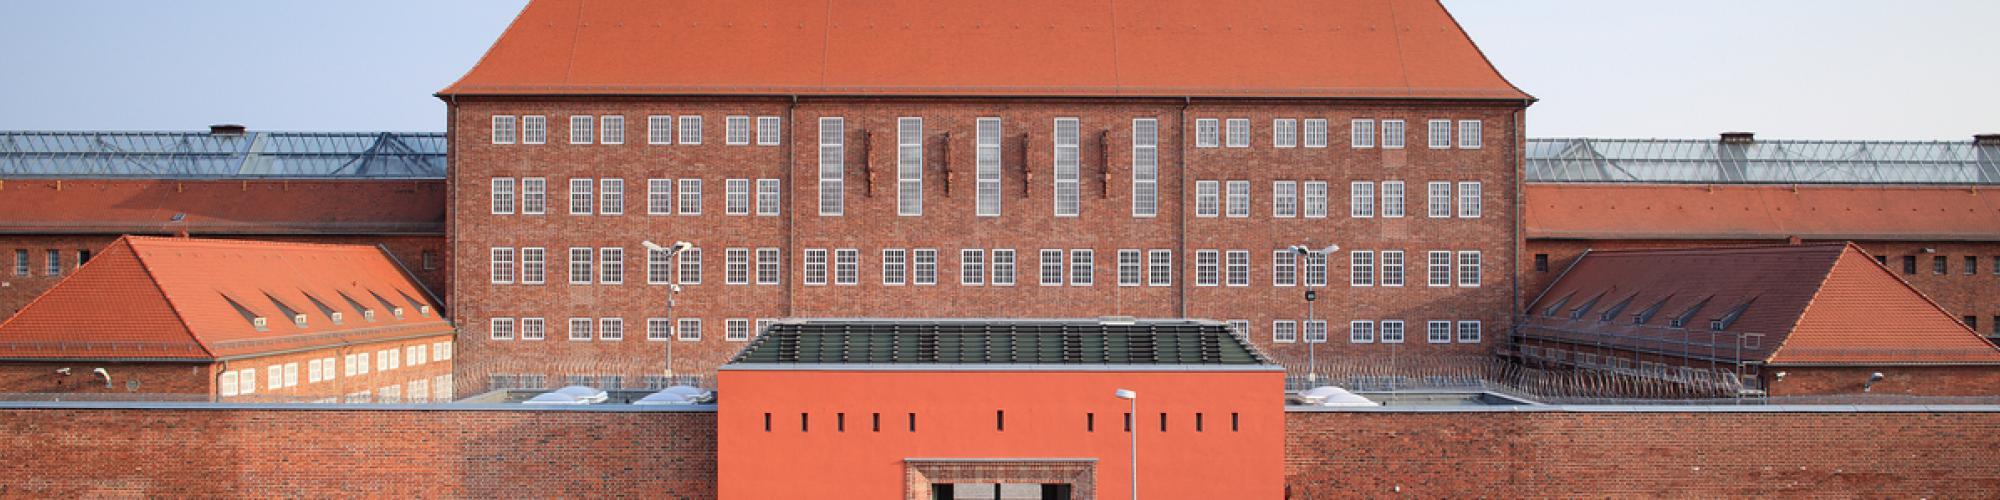 Justizvollzugsanstalt Brandenburg an der Havel